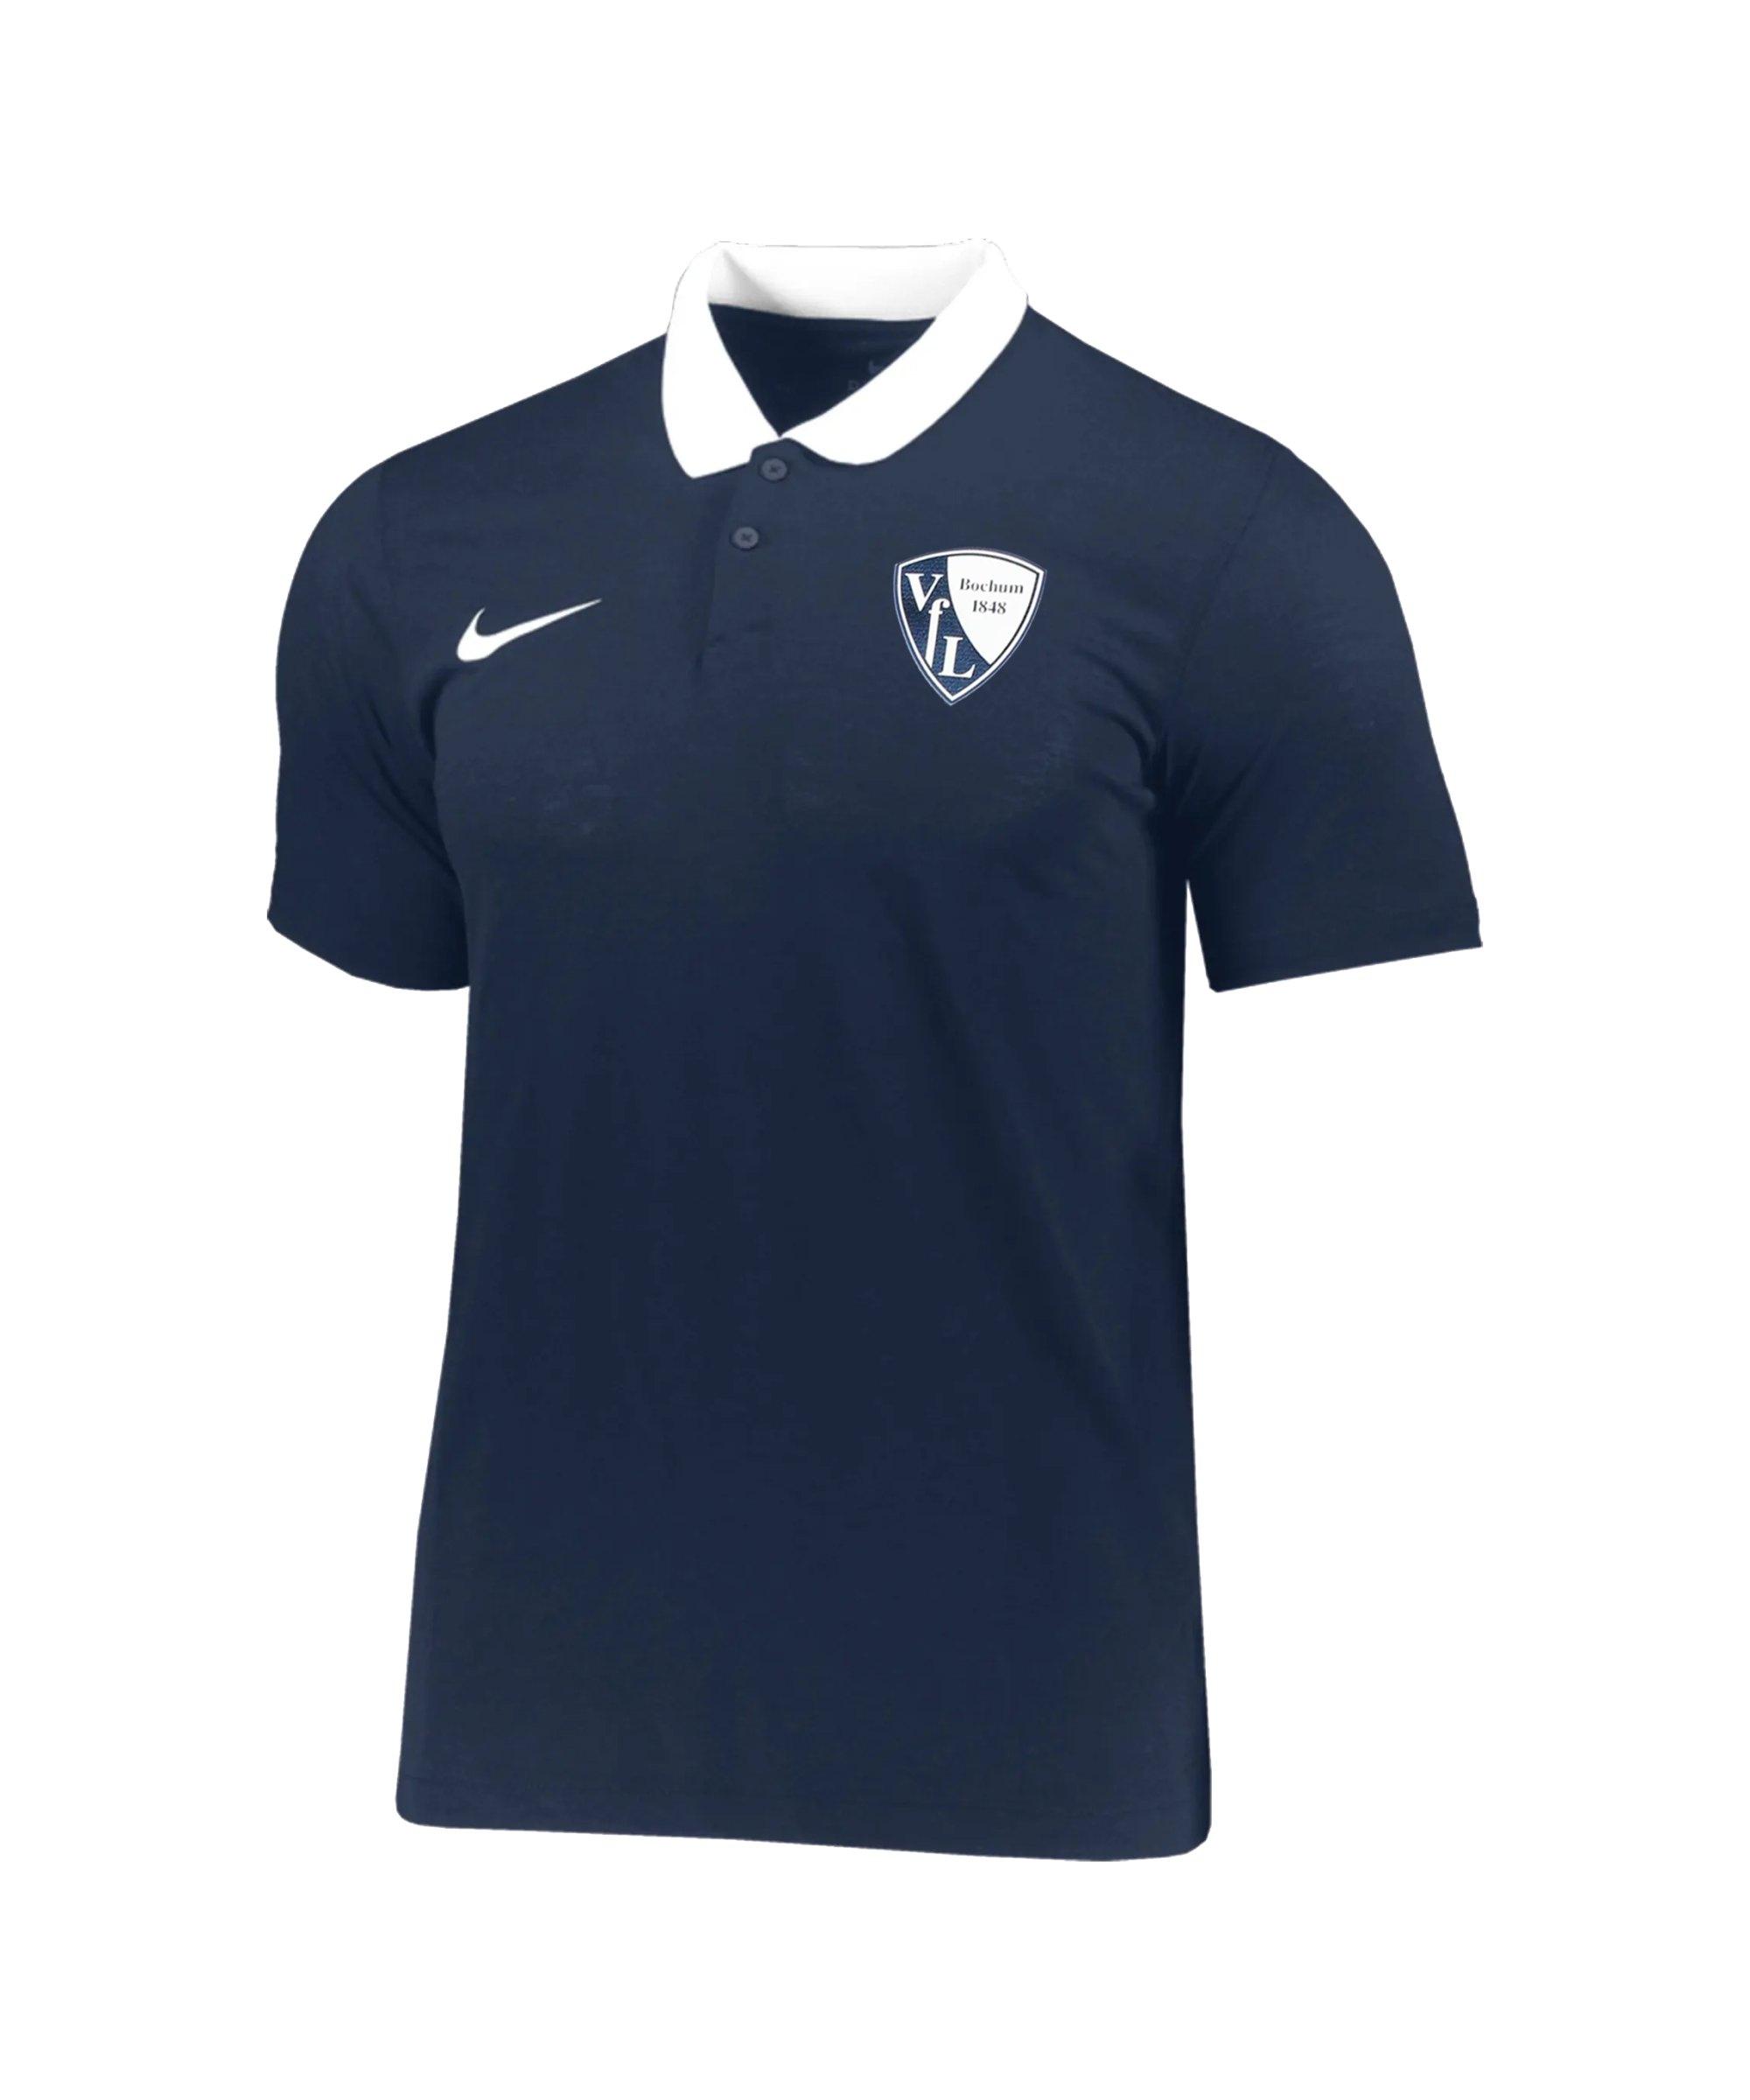 Nike VfL Bochum Polo Damen Blau F451 - blau